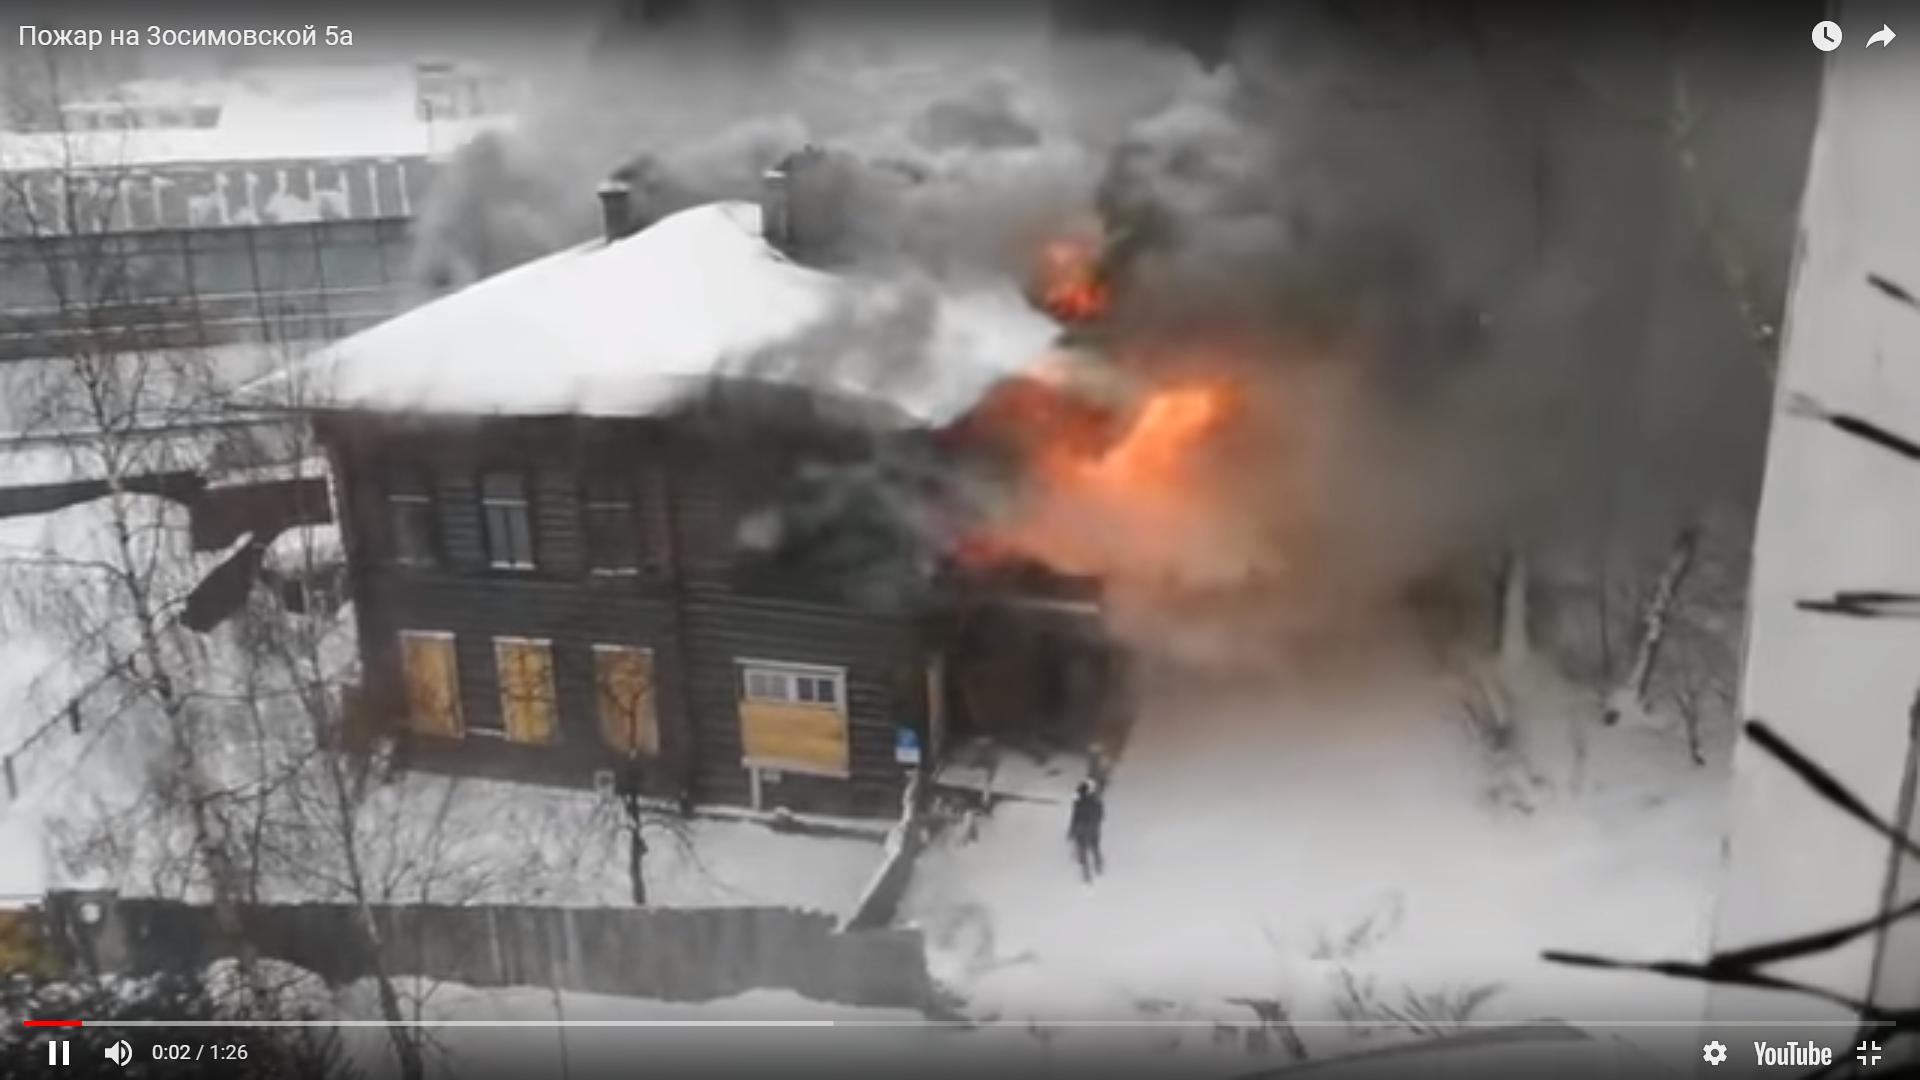 Градозащитники оспорят продажу дома, сгоревшего во время аукциона